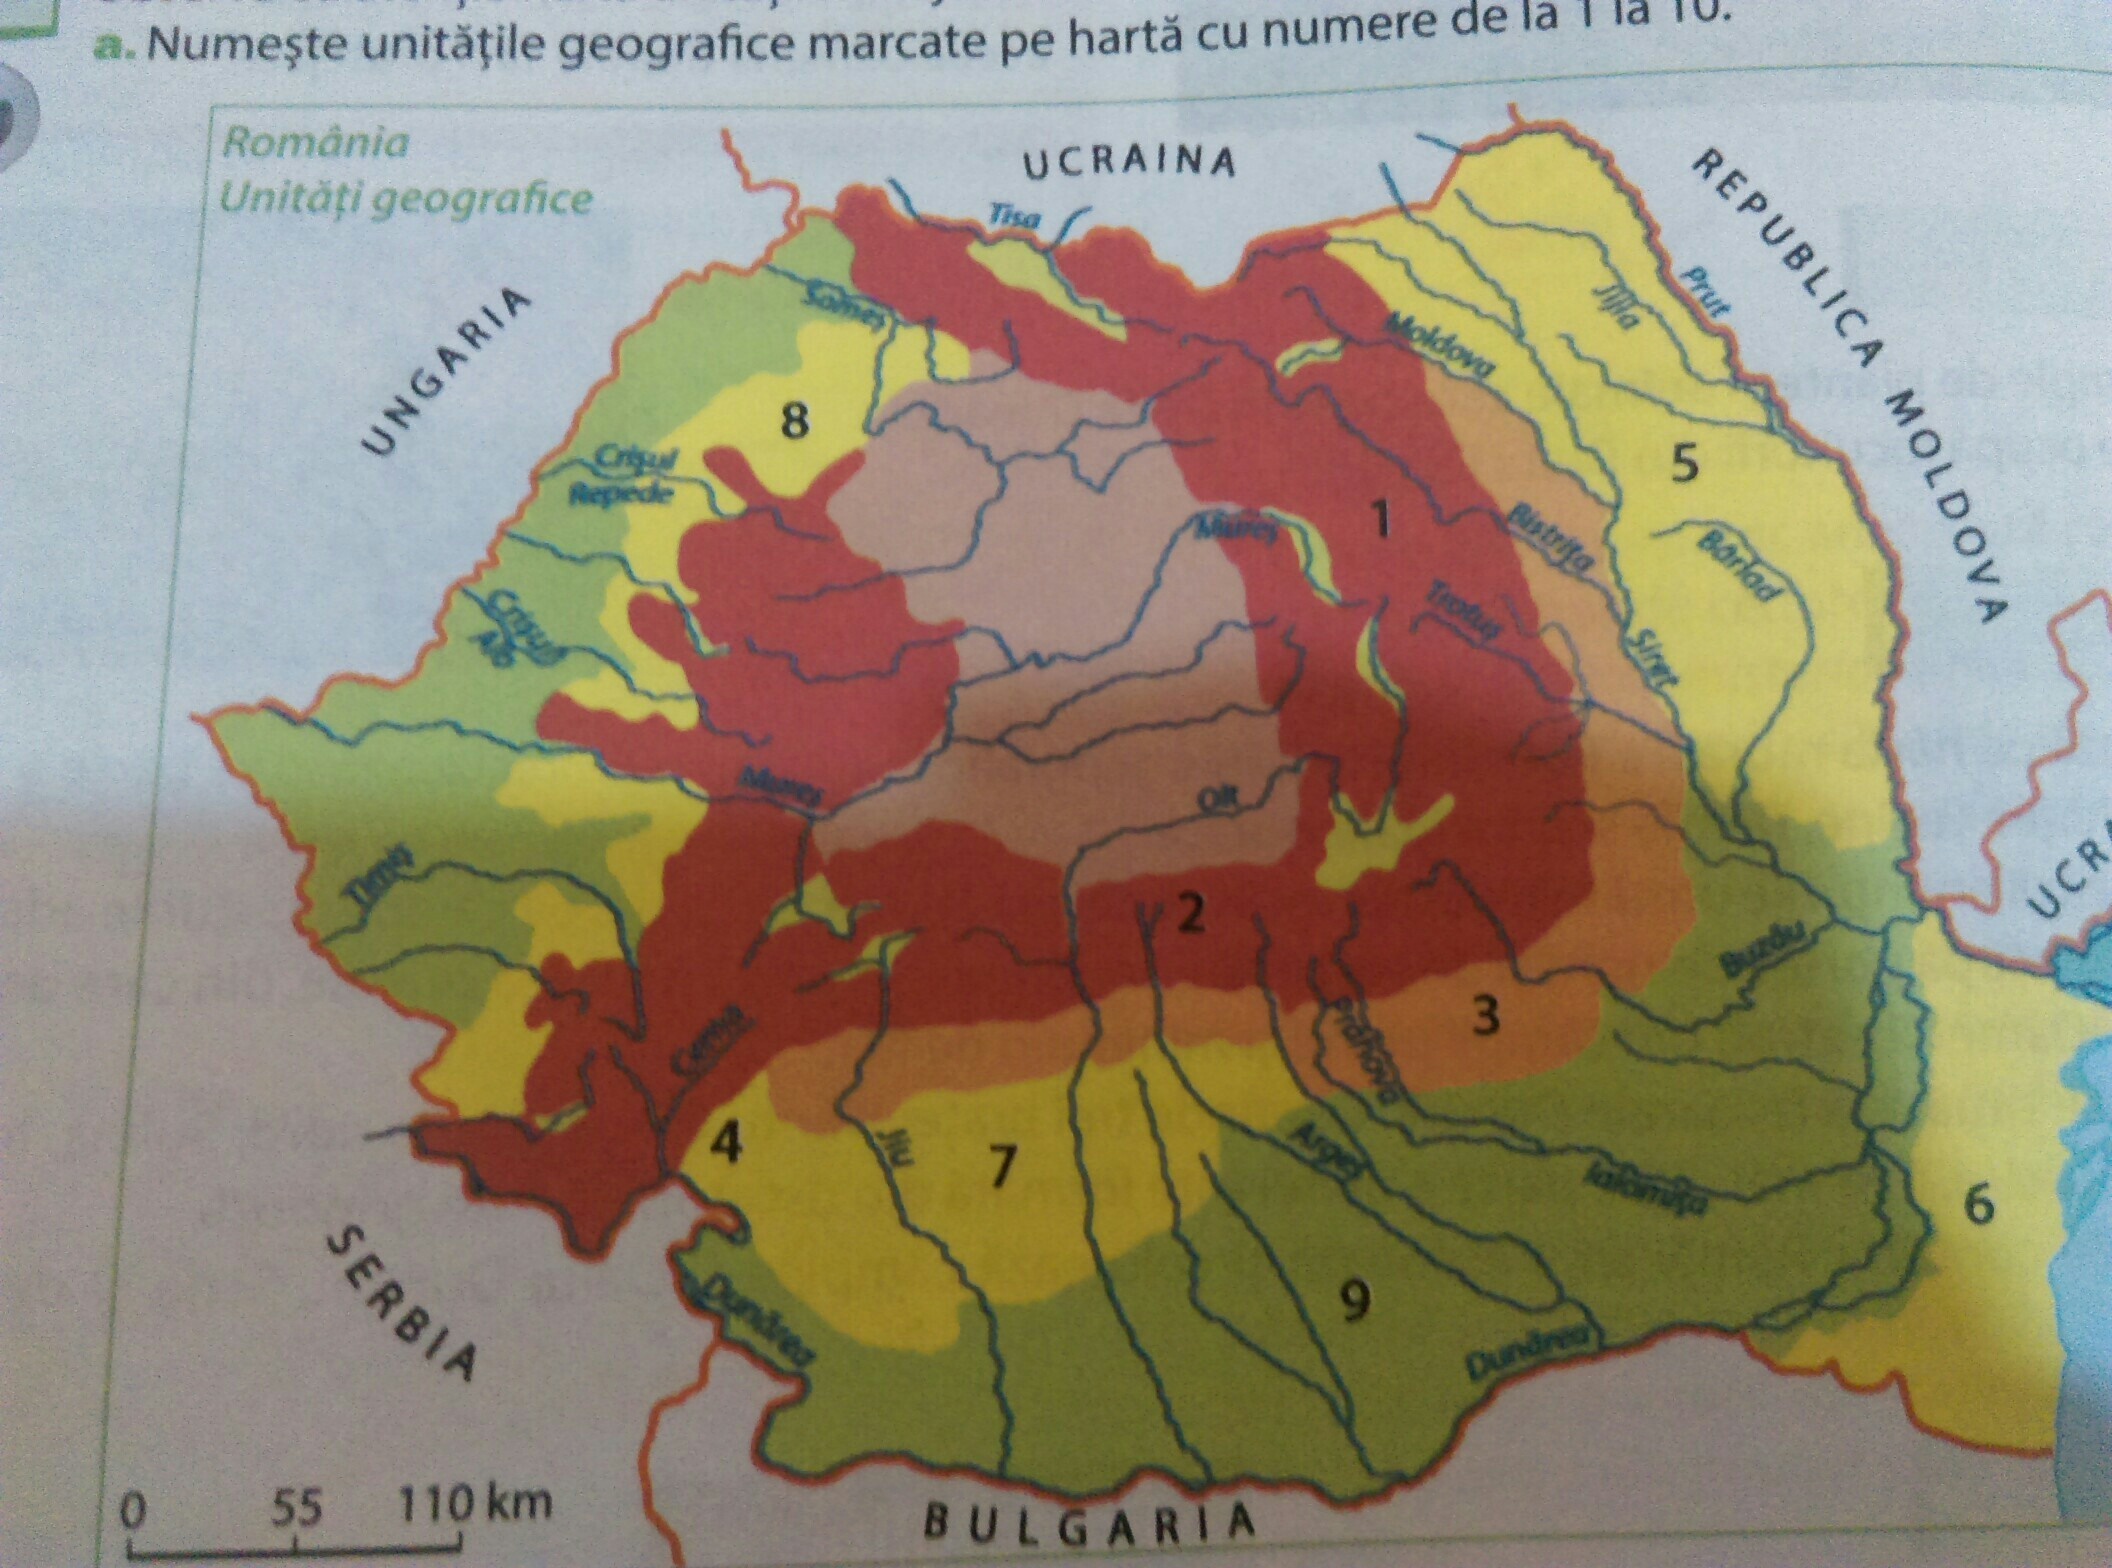 A Numeste Unitatile Geografice Marcate Pe Harta Cu Numere De La 1